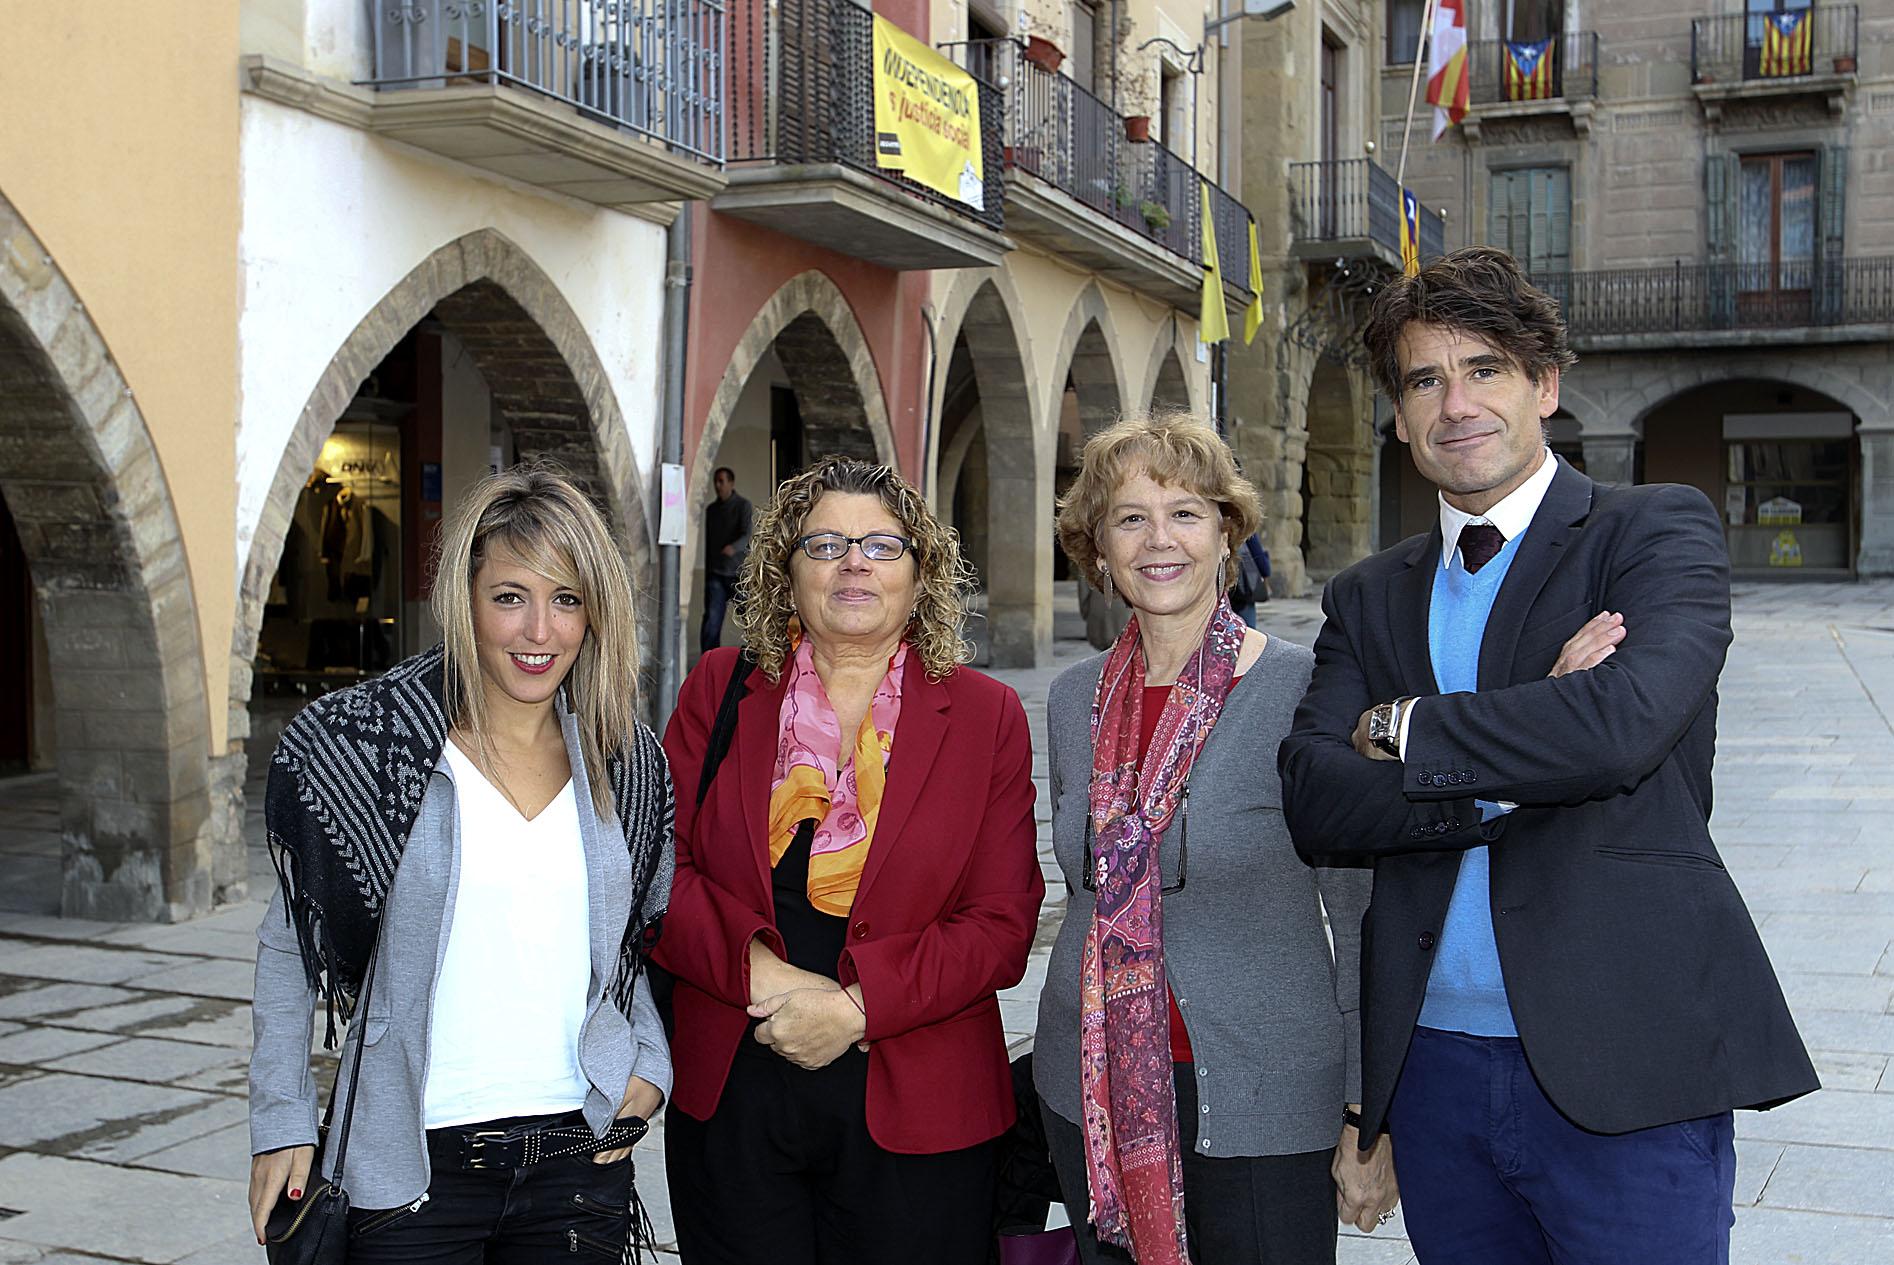 Jèssica Garrido, recercadora del SaMIS; Marina Geli, directora del CESS de la UVic; Tere Pérez, responsable del programa CCCB Alzheimer, i Salvador Simó, director de l'estud, a Vic